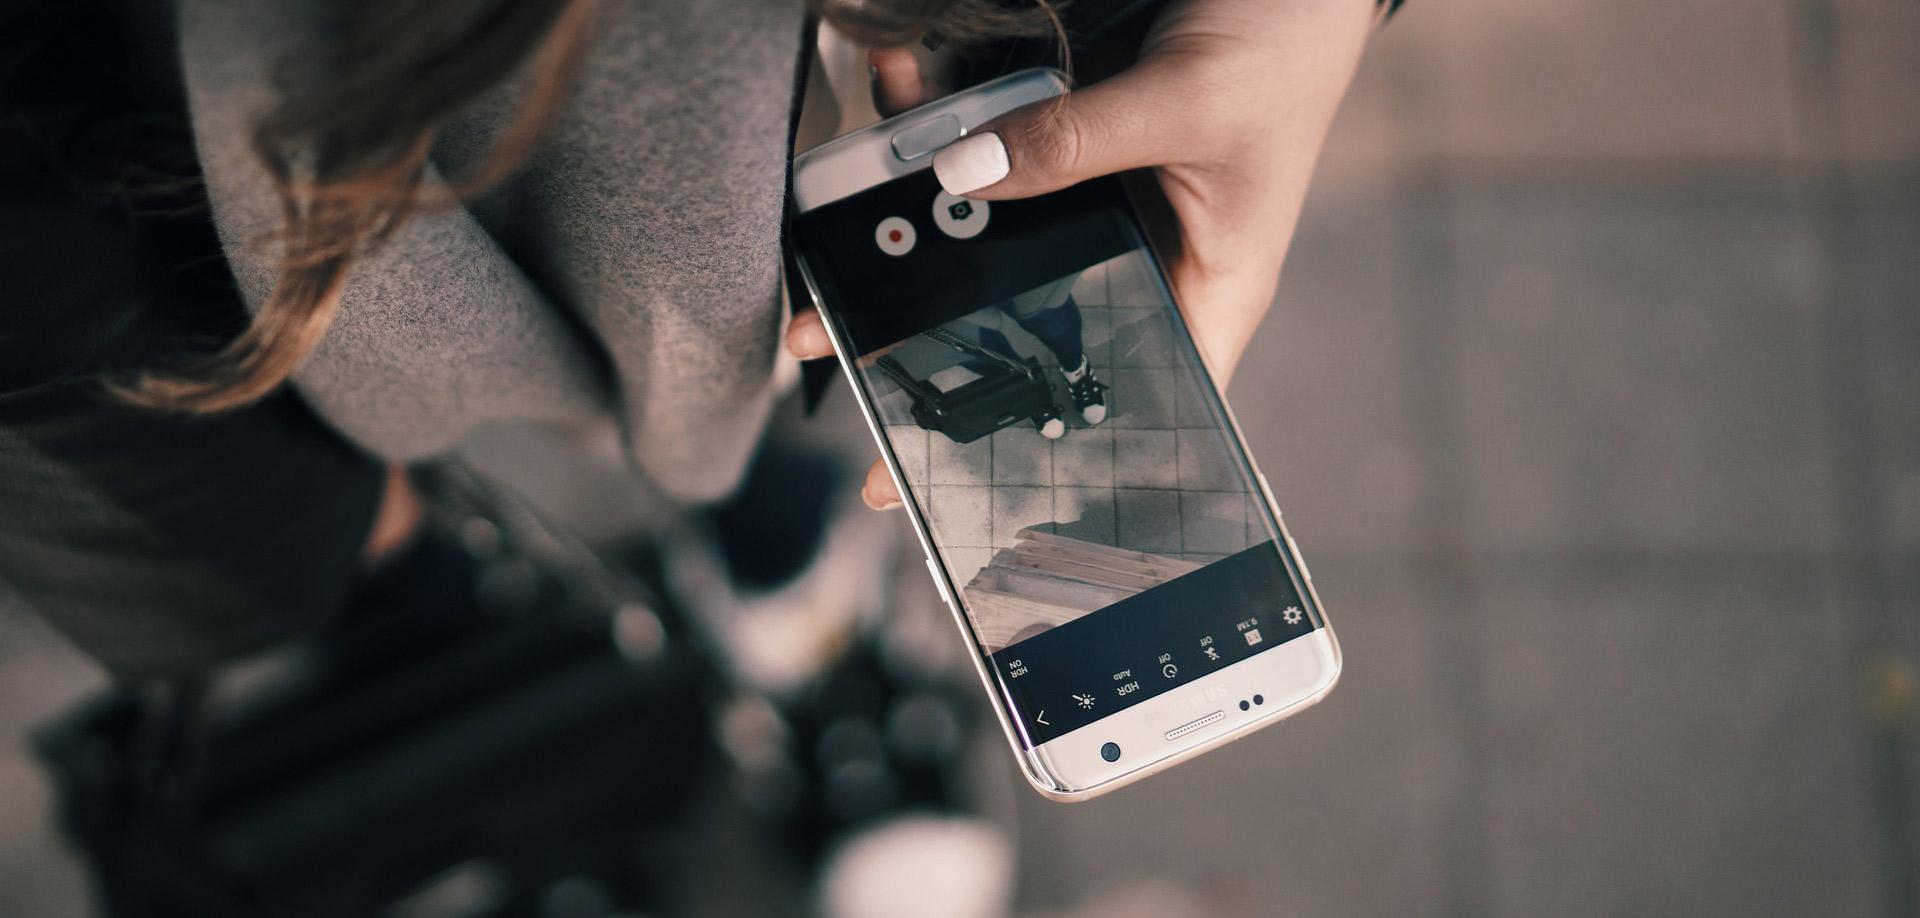 Chyby vAndroide umožňovali špehovať užívateľov cez kameru